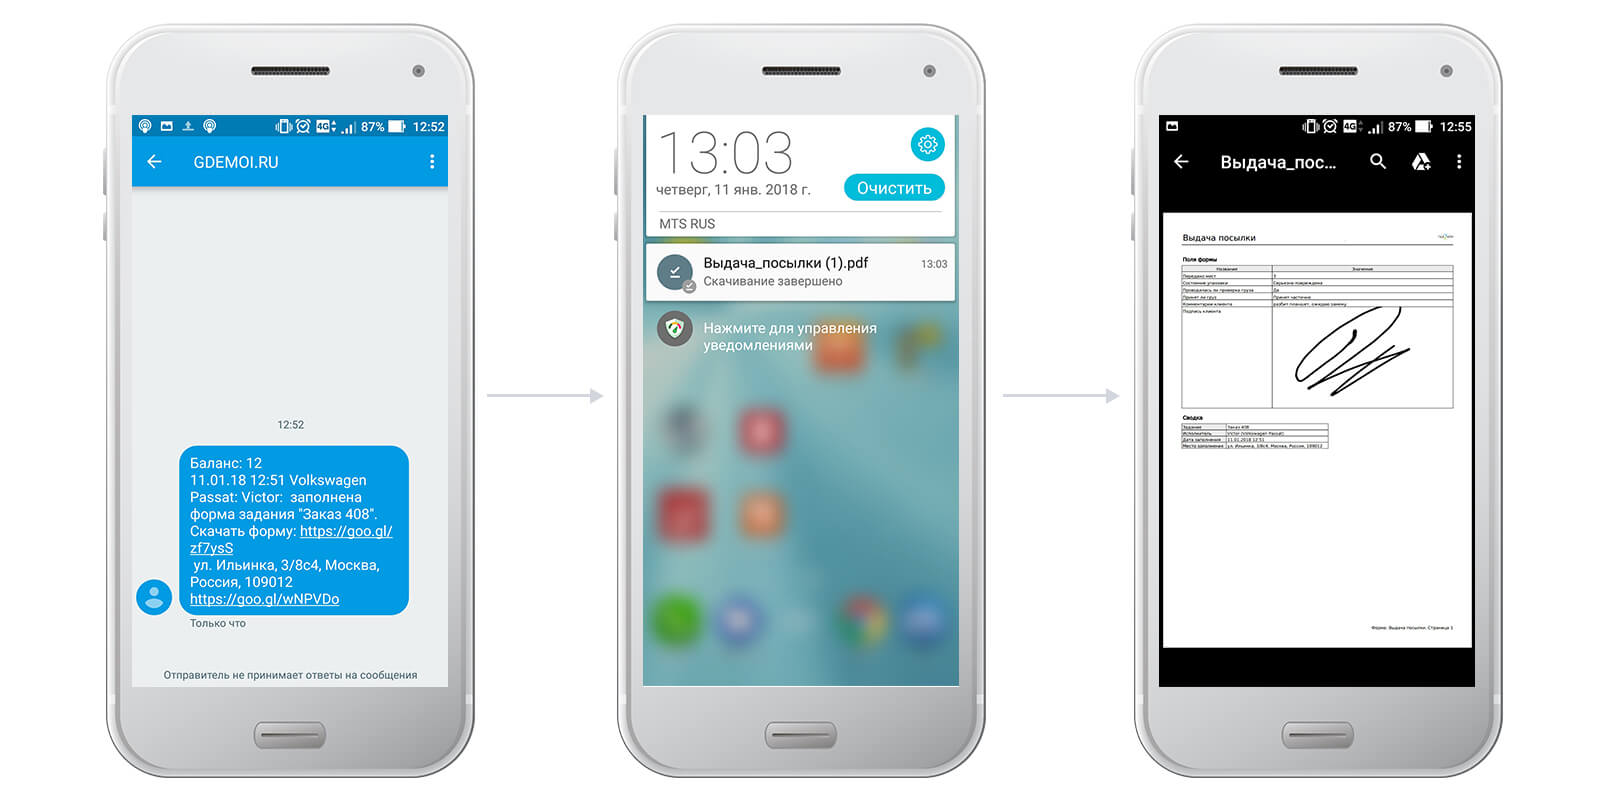 Информацию о заполненной форме можно получать на e-mail или по SMS